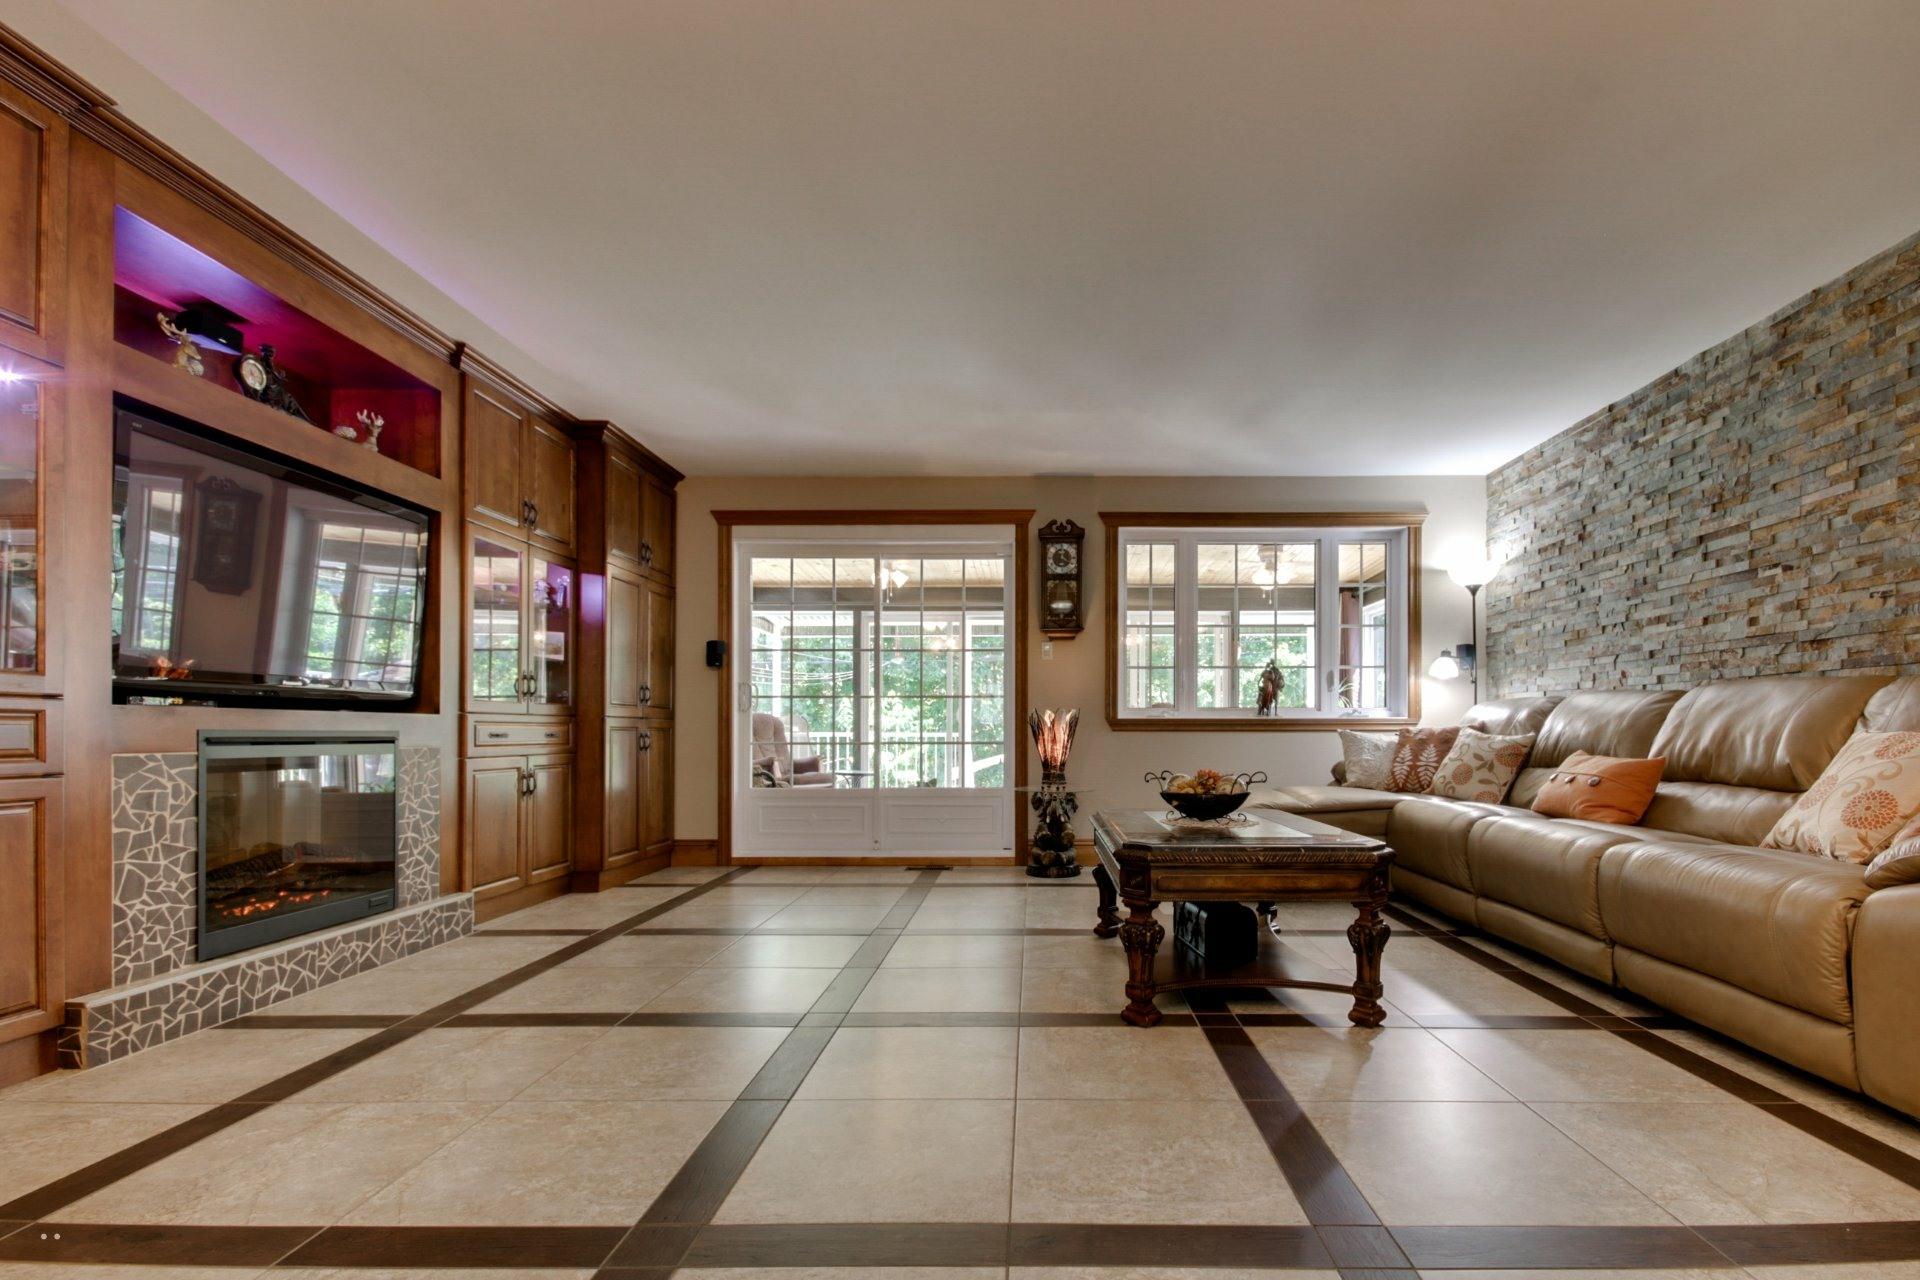 image 5 - Duplex For sale Trois-Rivières - 14 rooms